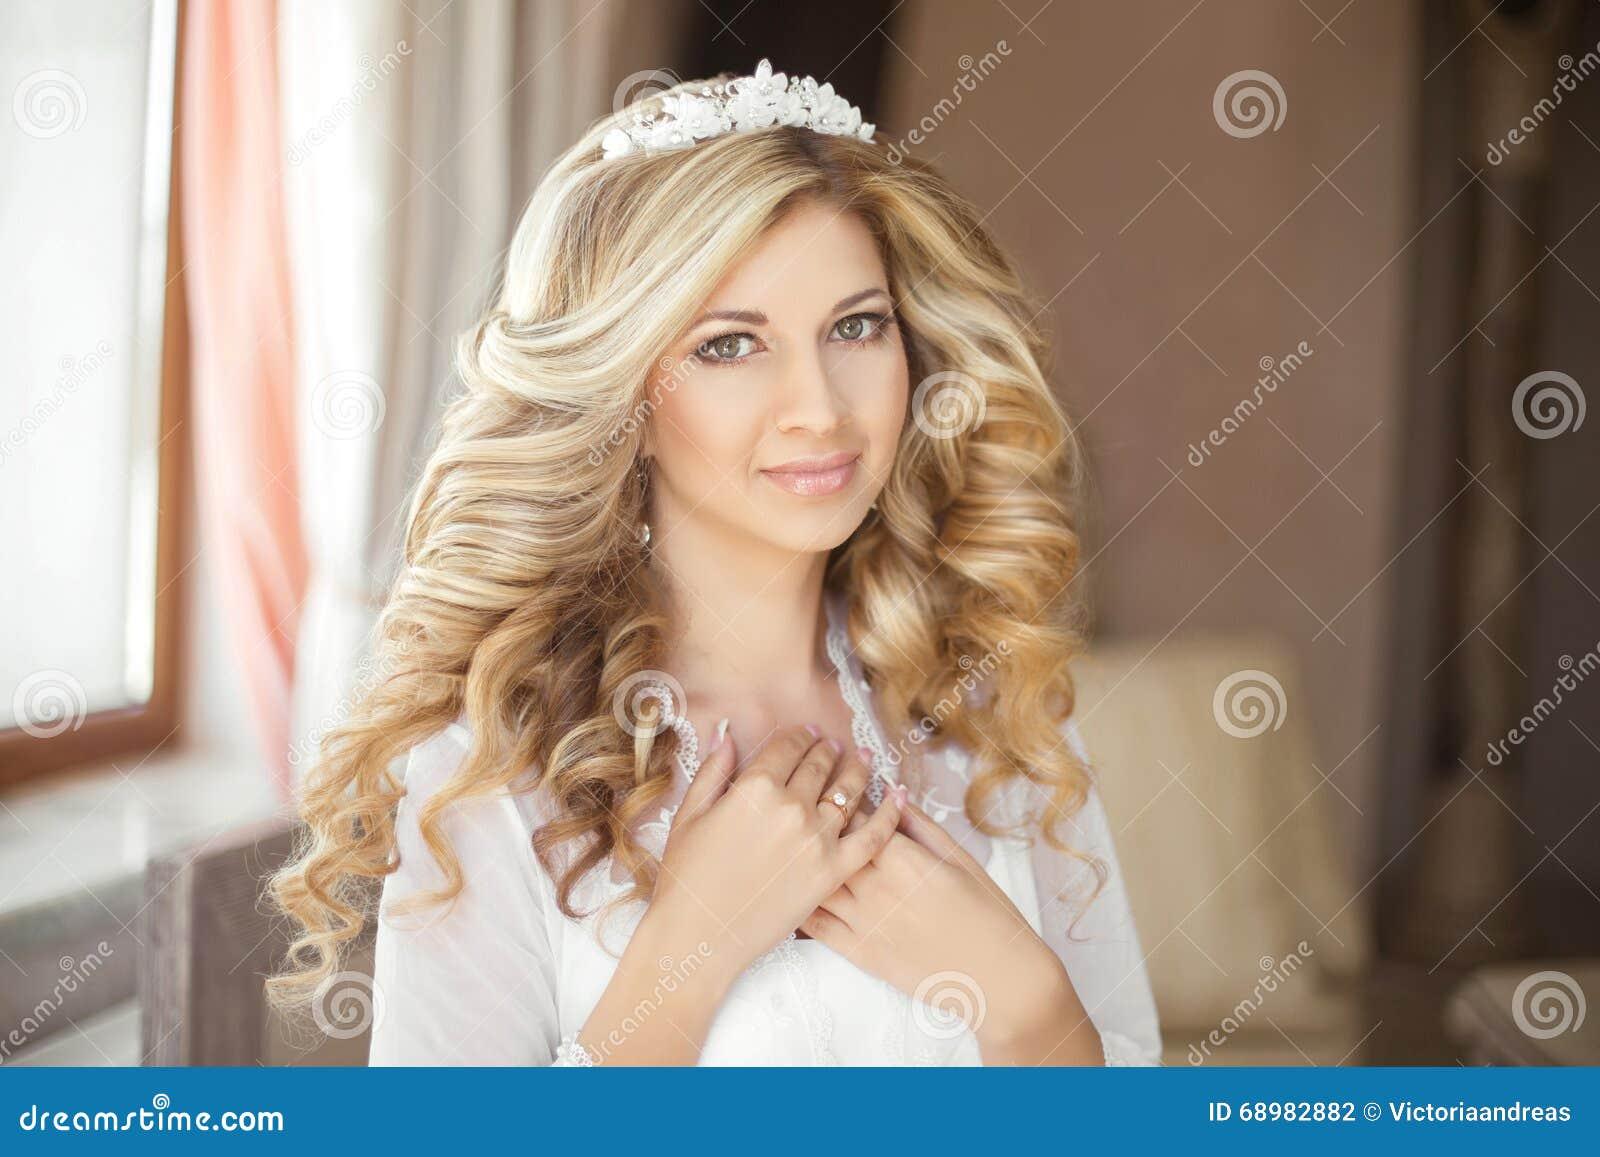 Maquillaje Peinado sano Retrato de boda de la novia de la belleza Feliz